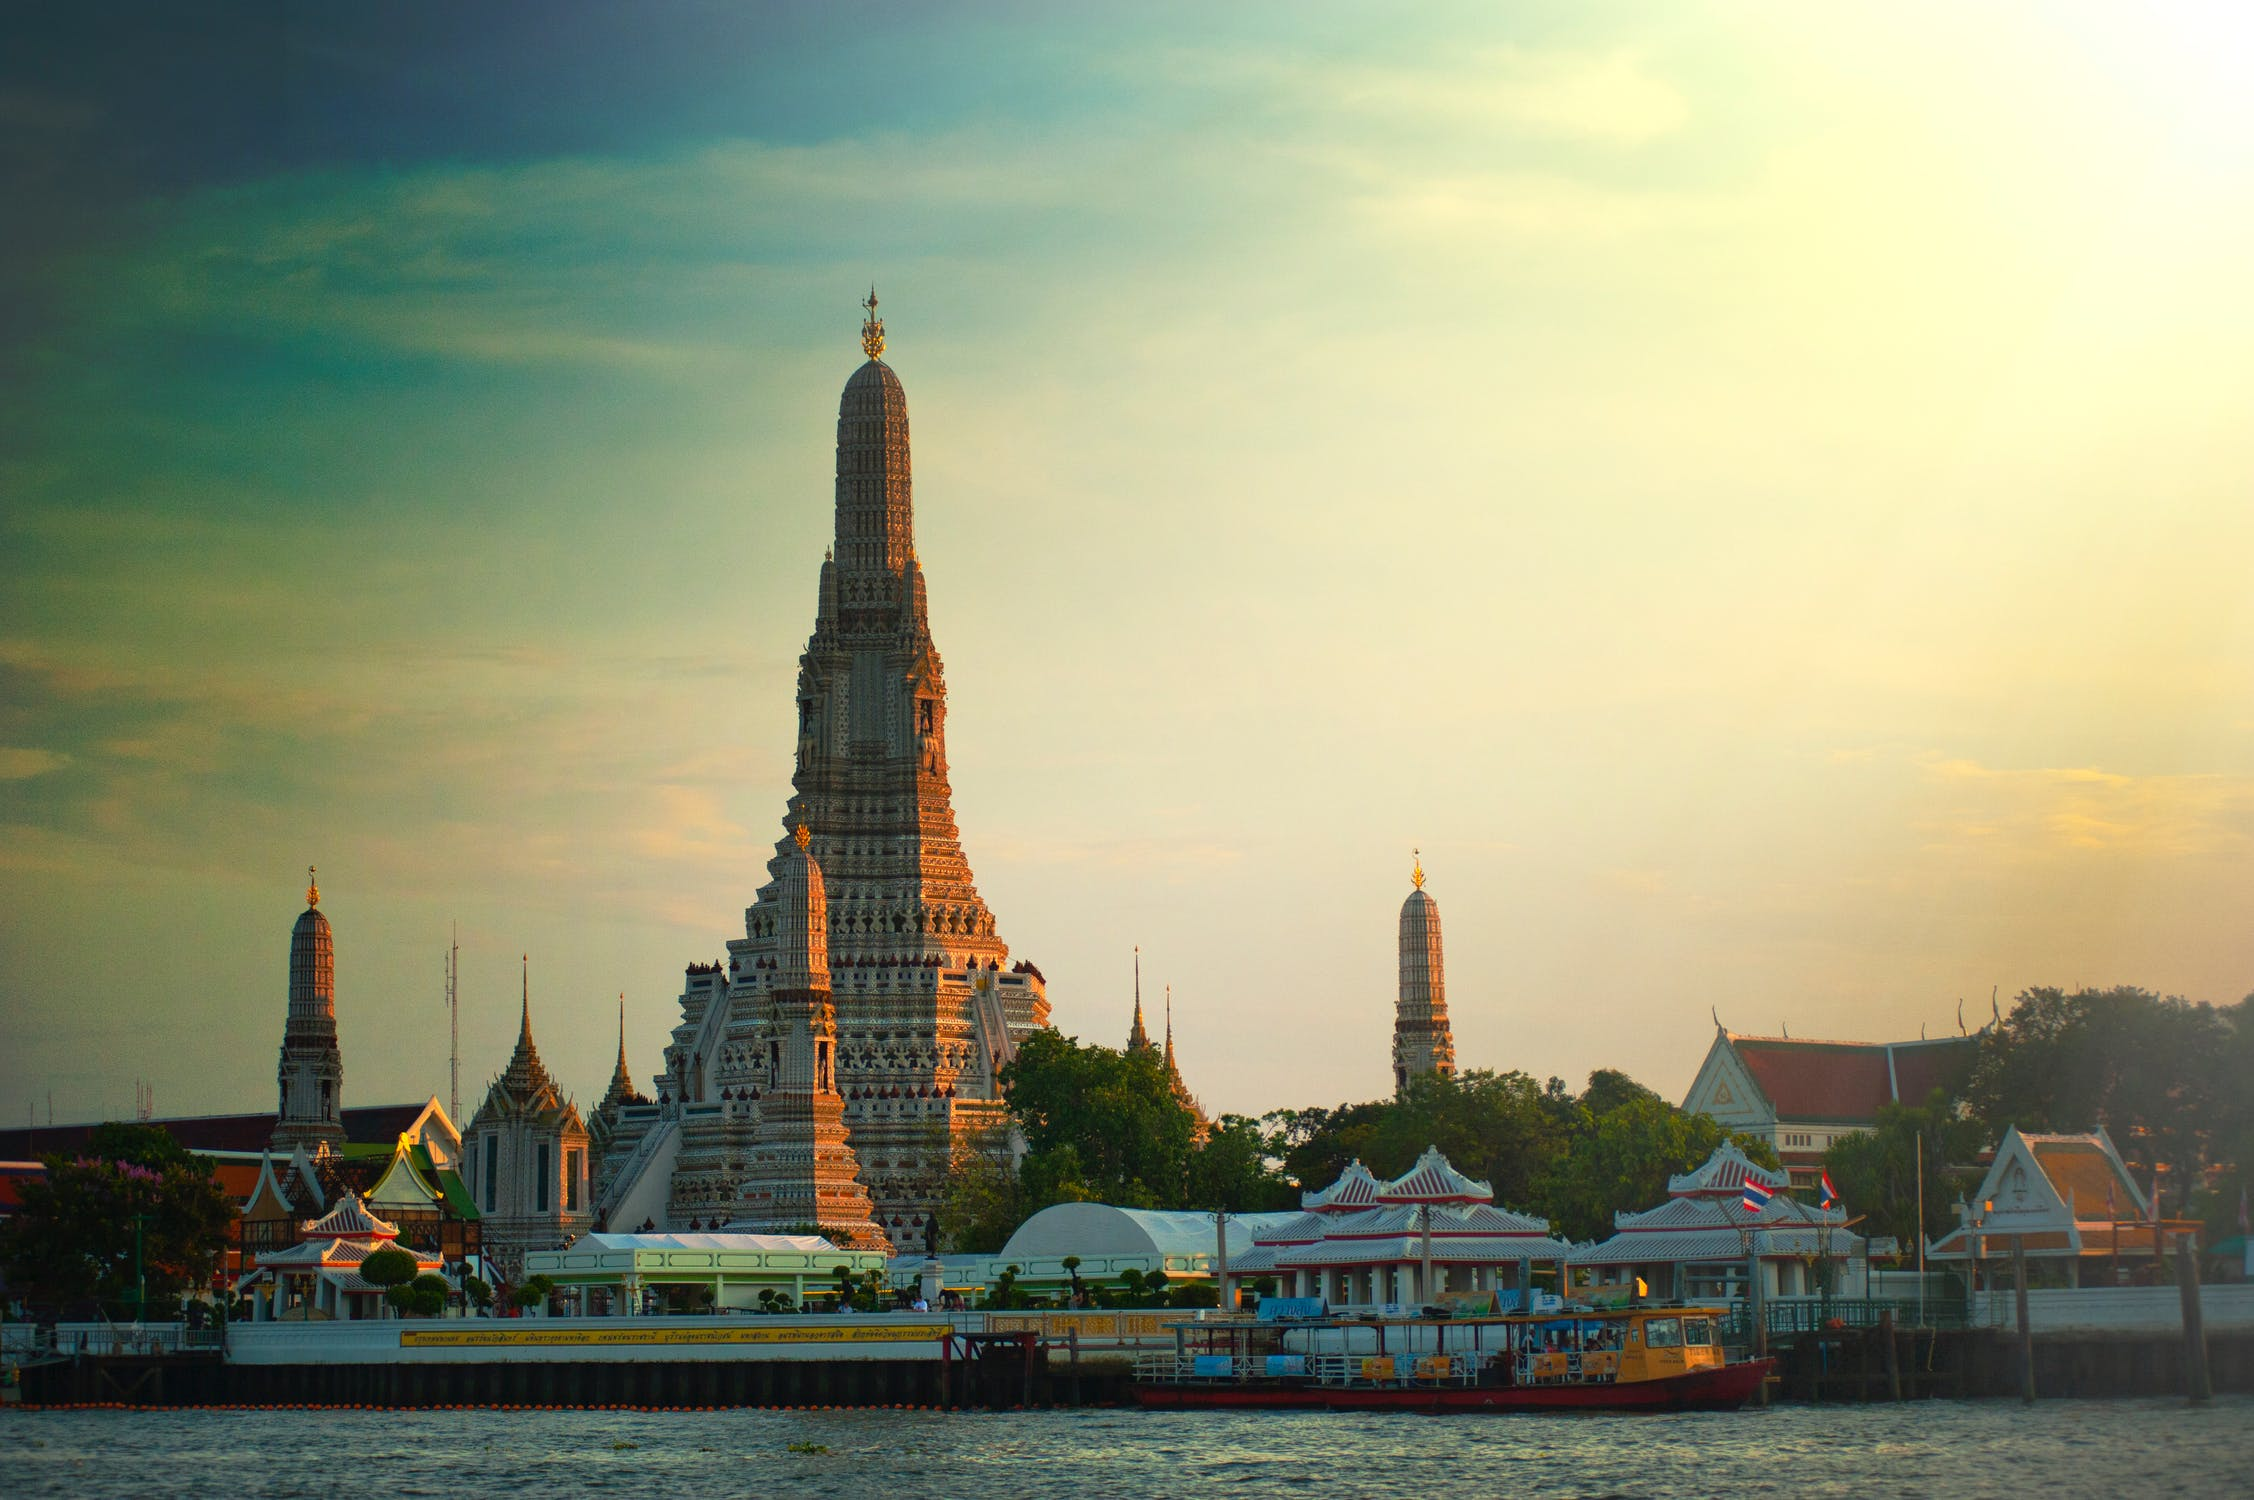 東南亞創業輔導公司-STARTBOARD:泰國創業現況